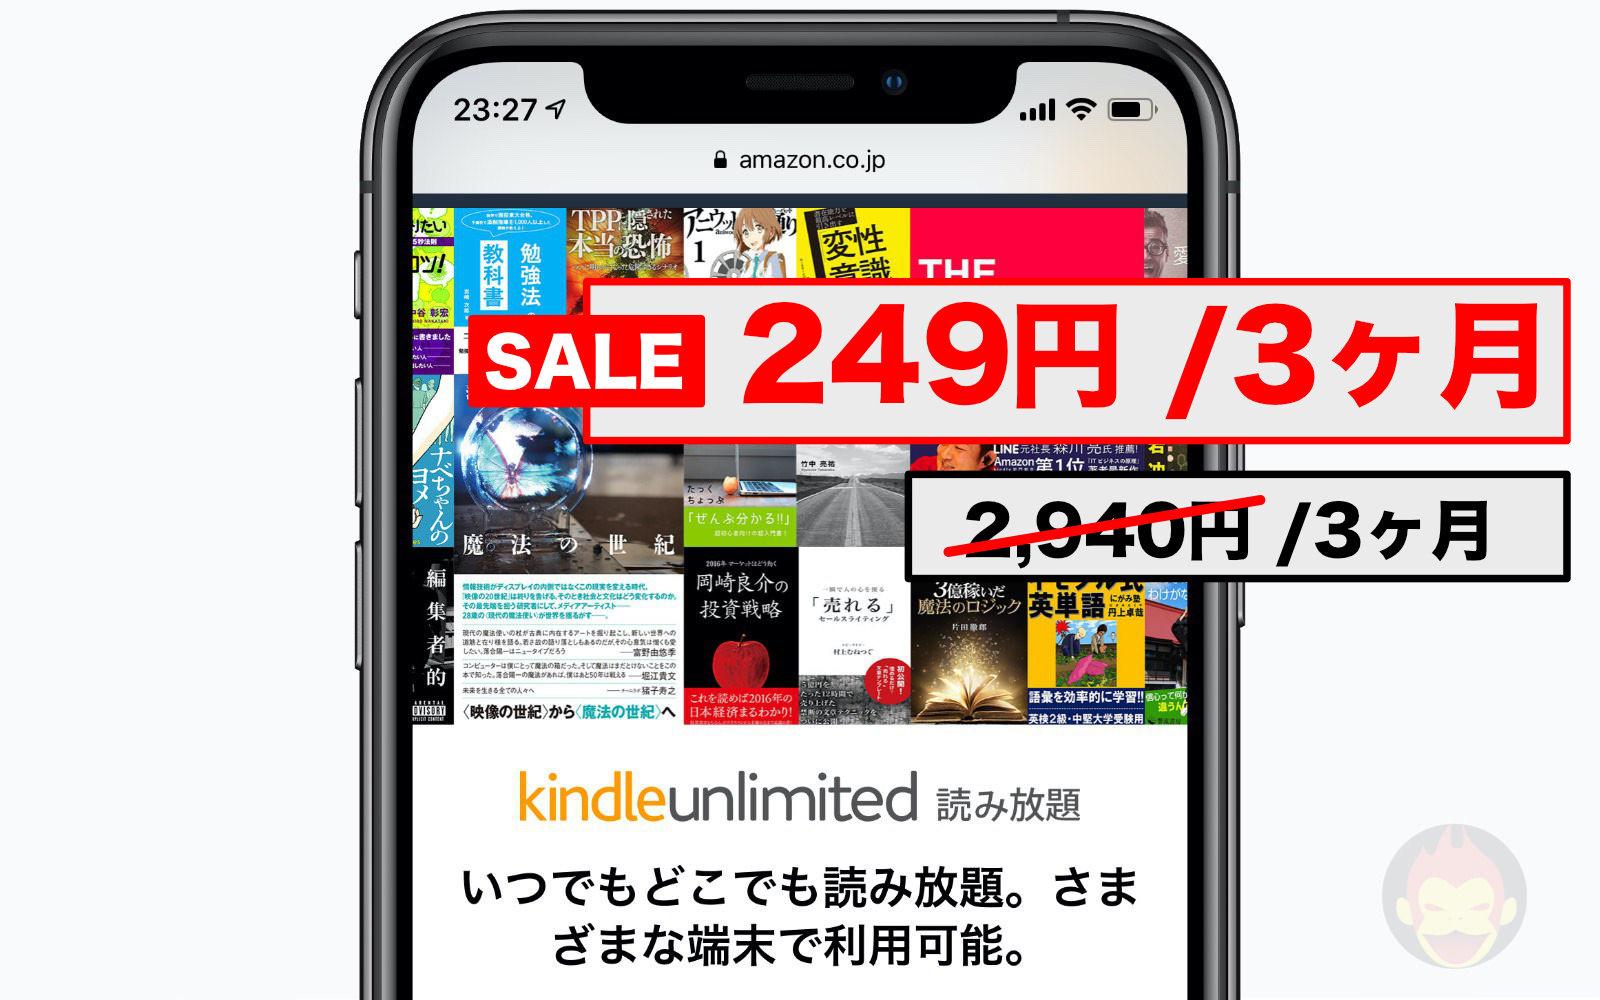 Kindle-Unlimited-sale-201912.jpg